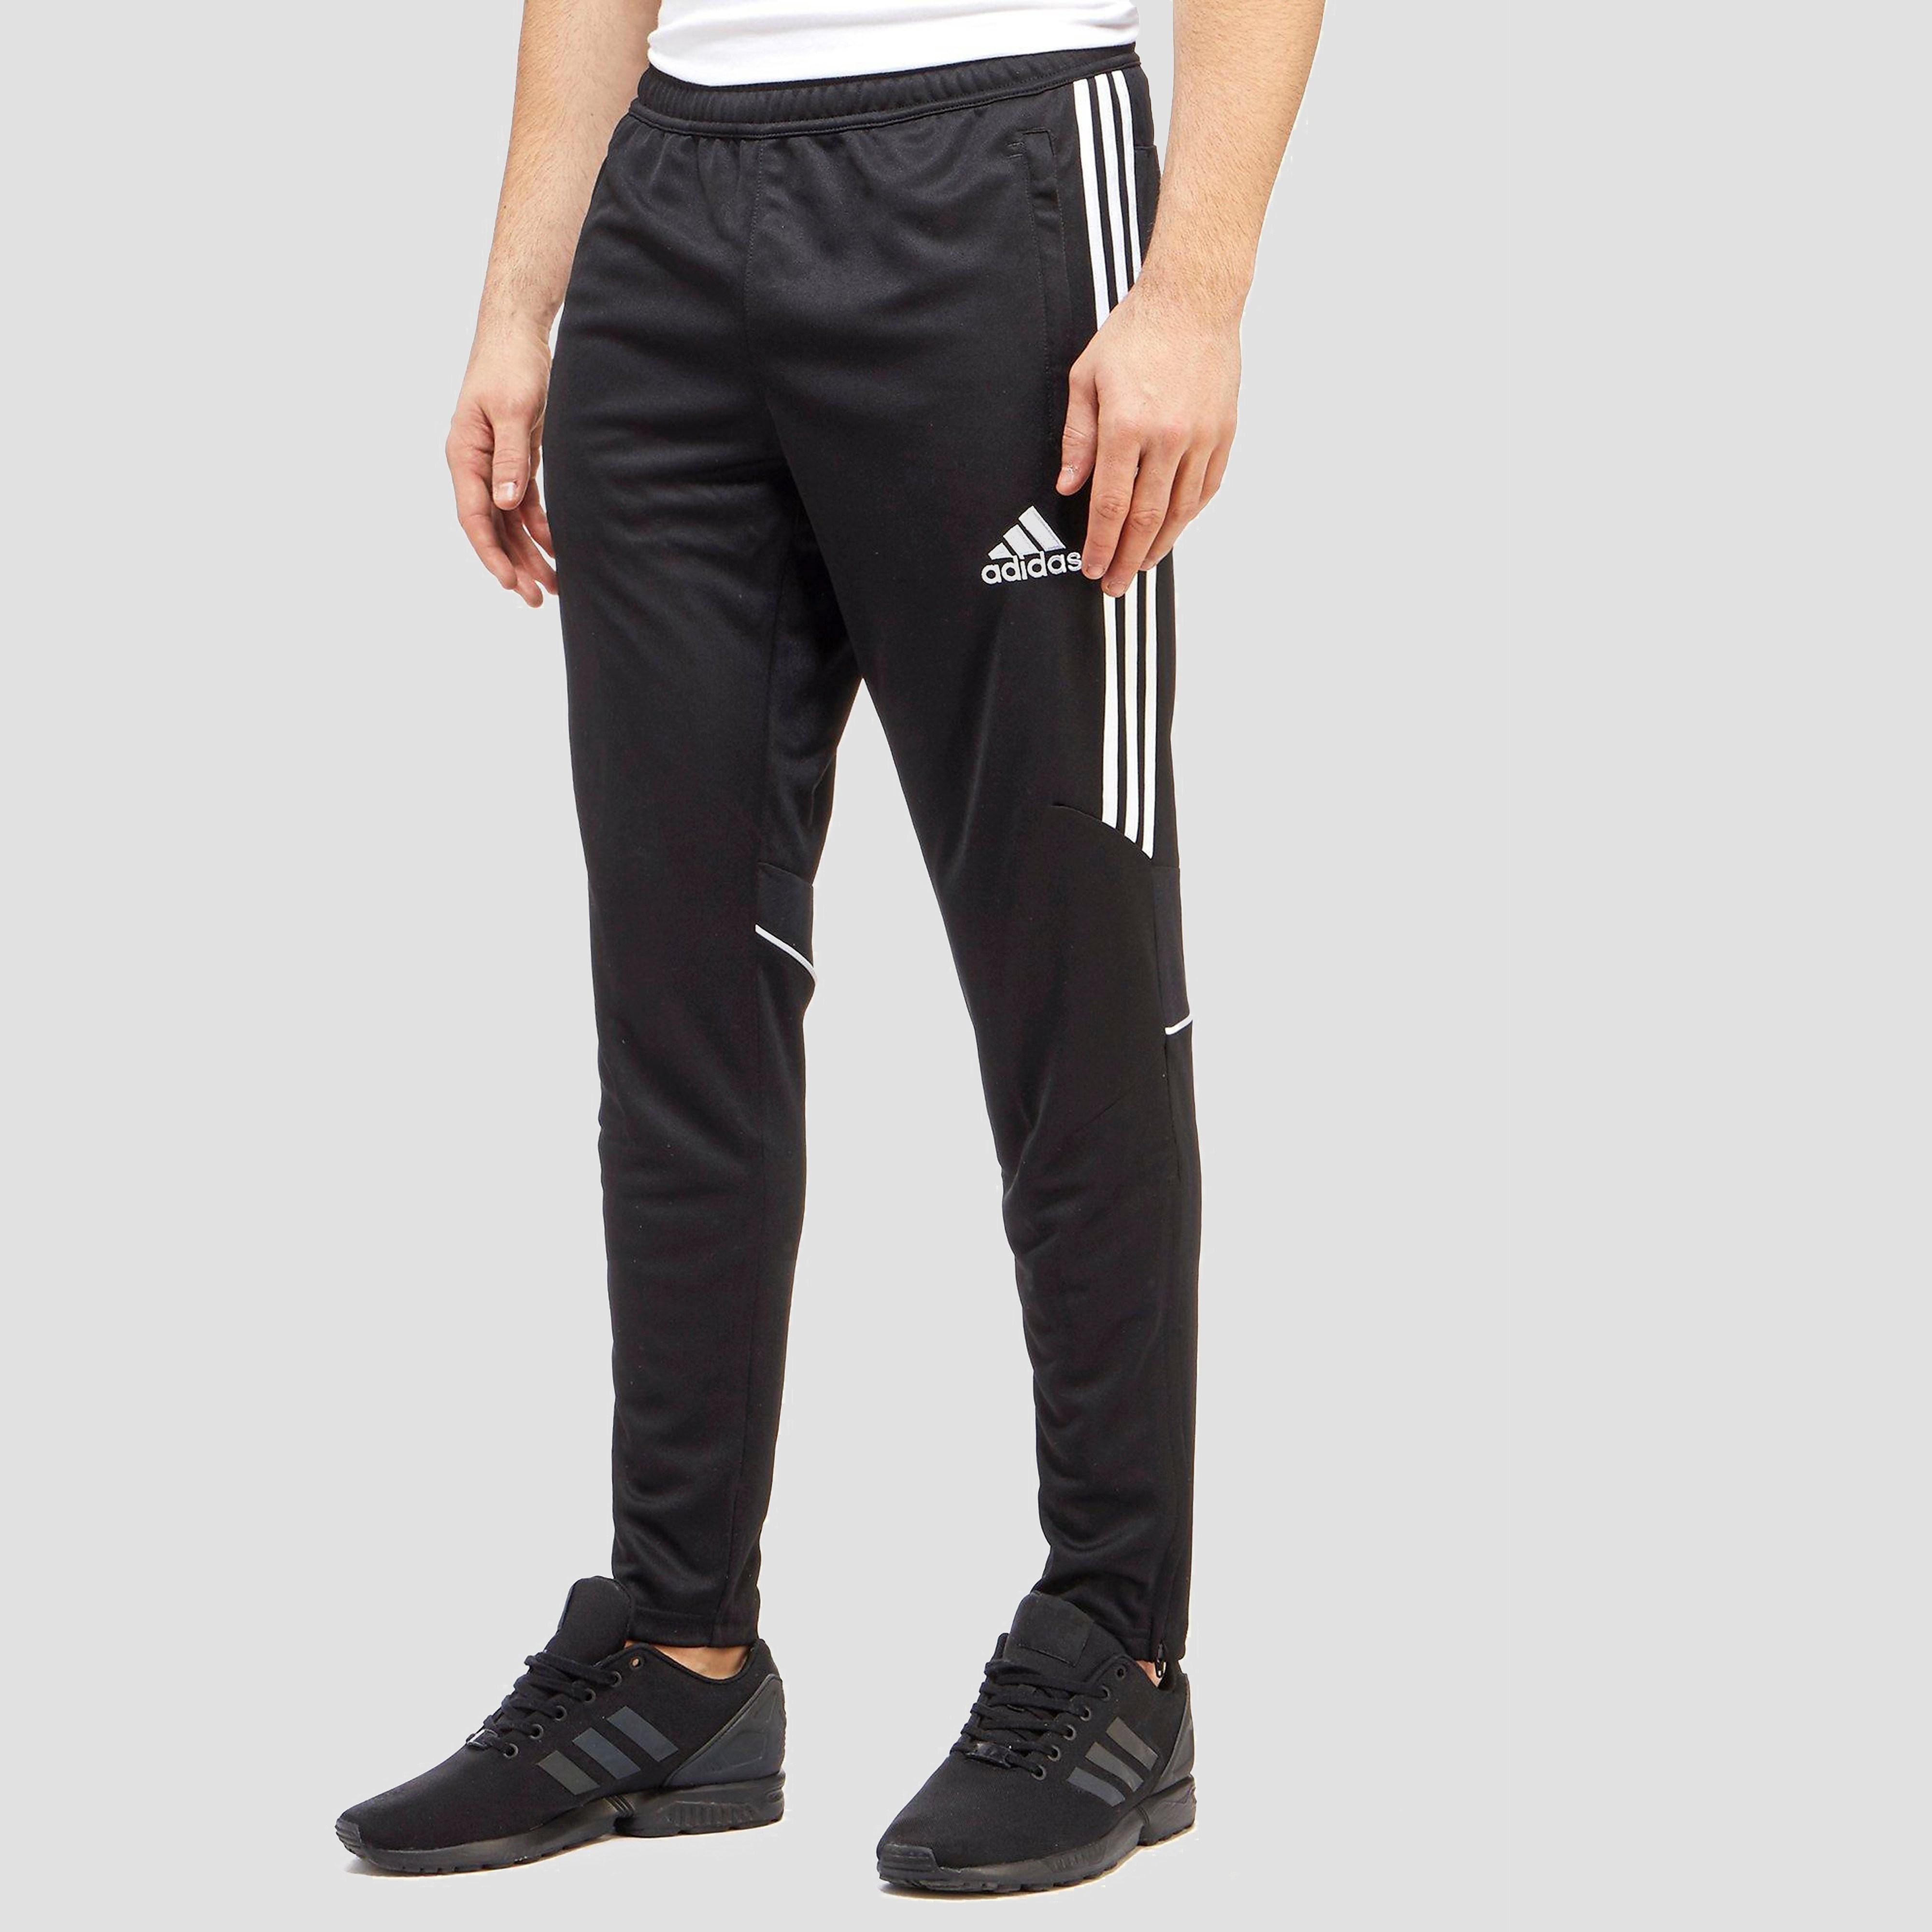 adidas Tango Men's Pants